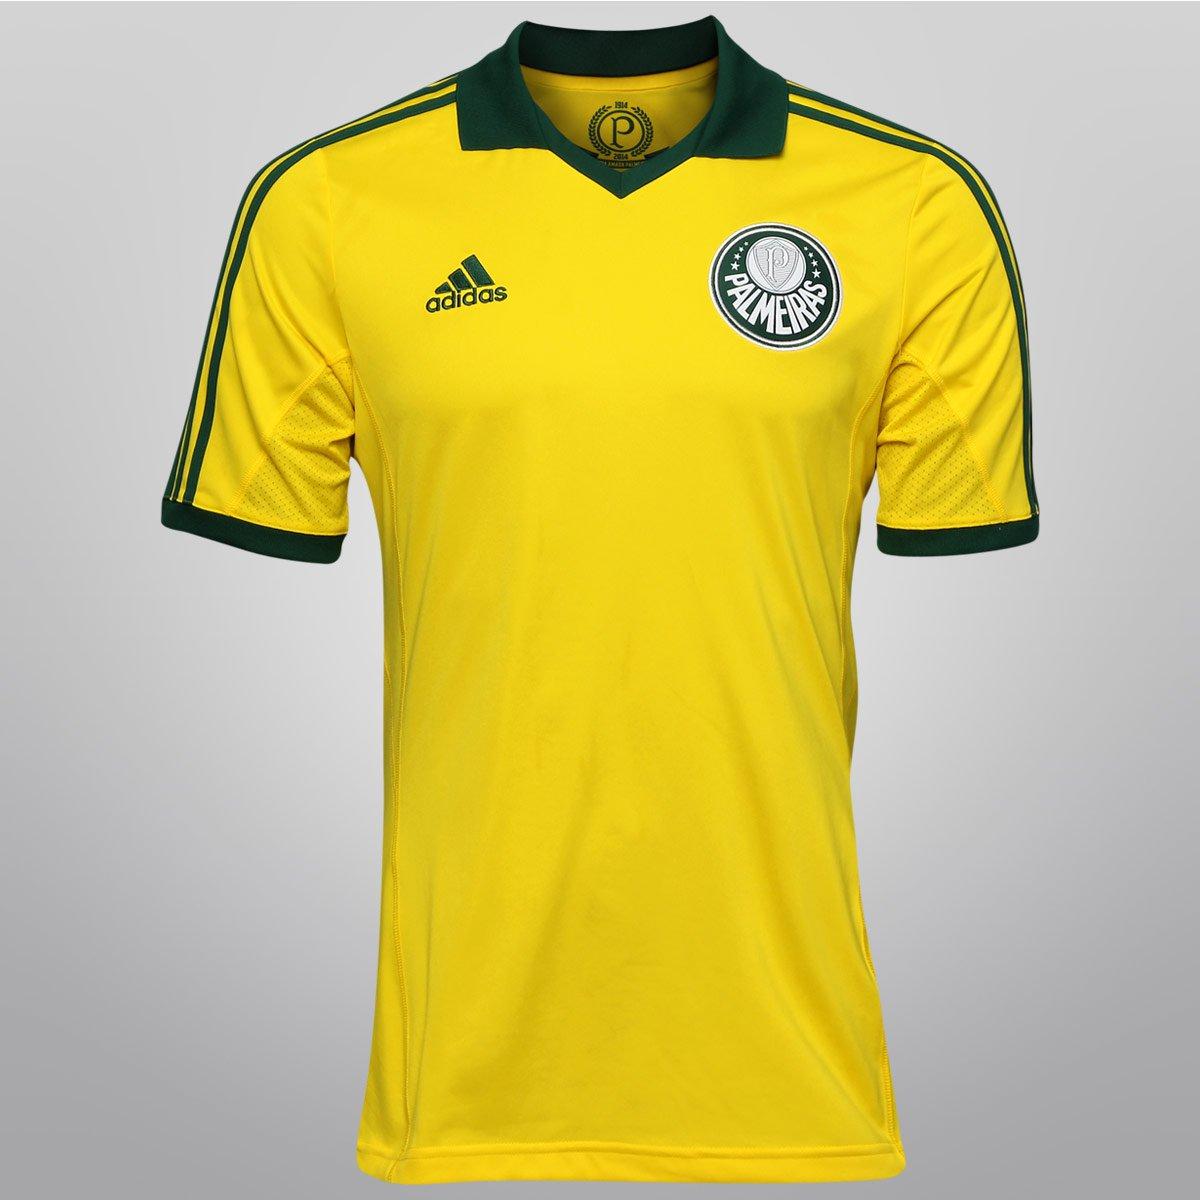 0f193df67f Camisa Adidas Palmeiras III 13 14 s nº - Centenário - Compre Agora ...